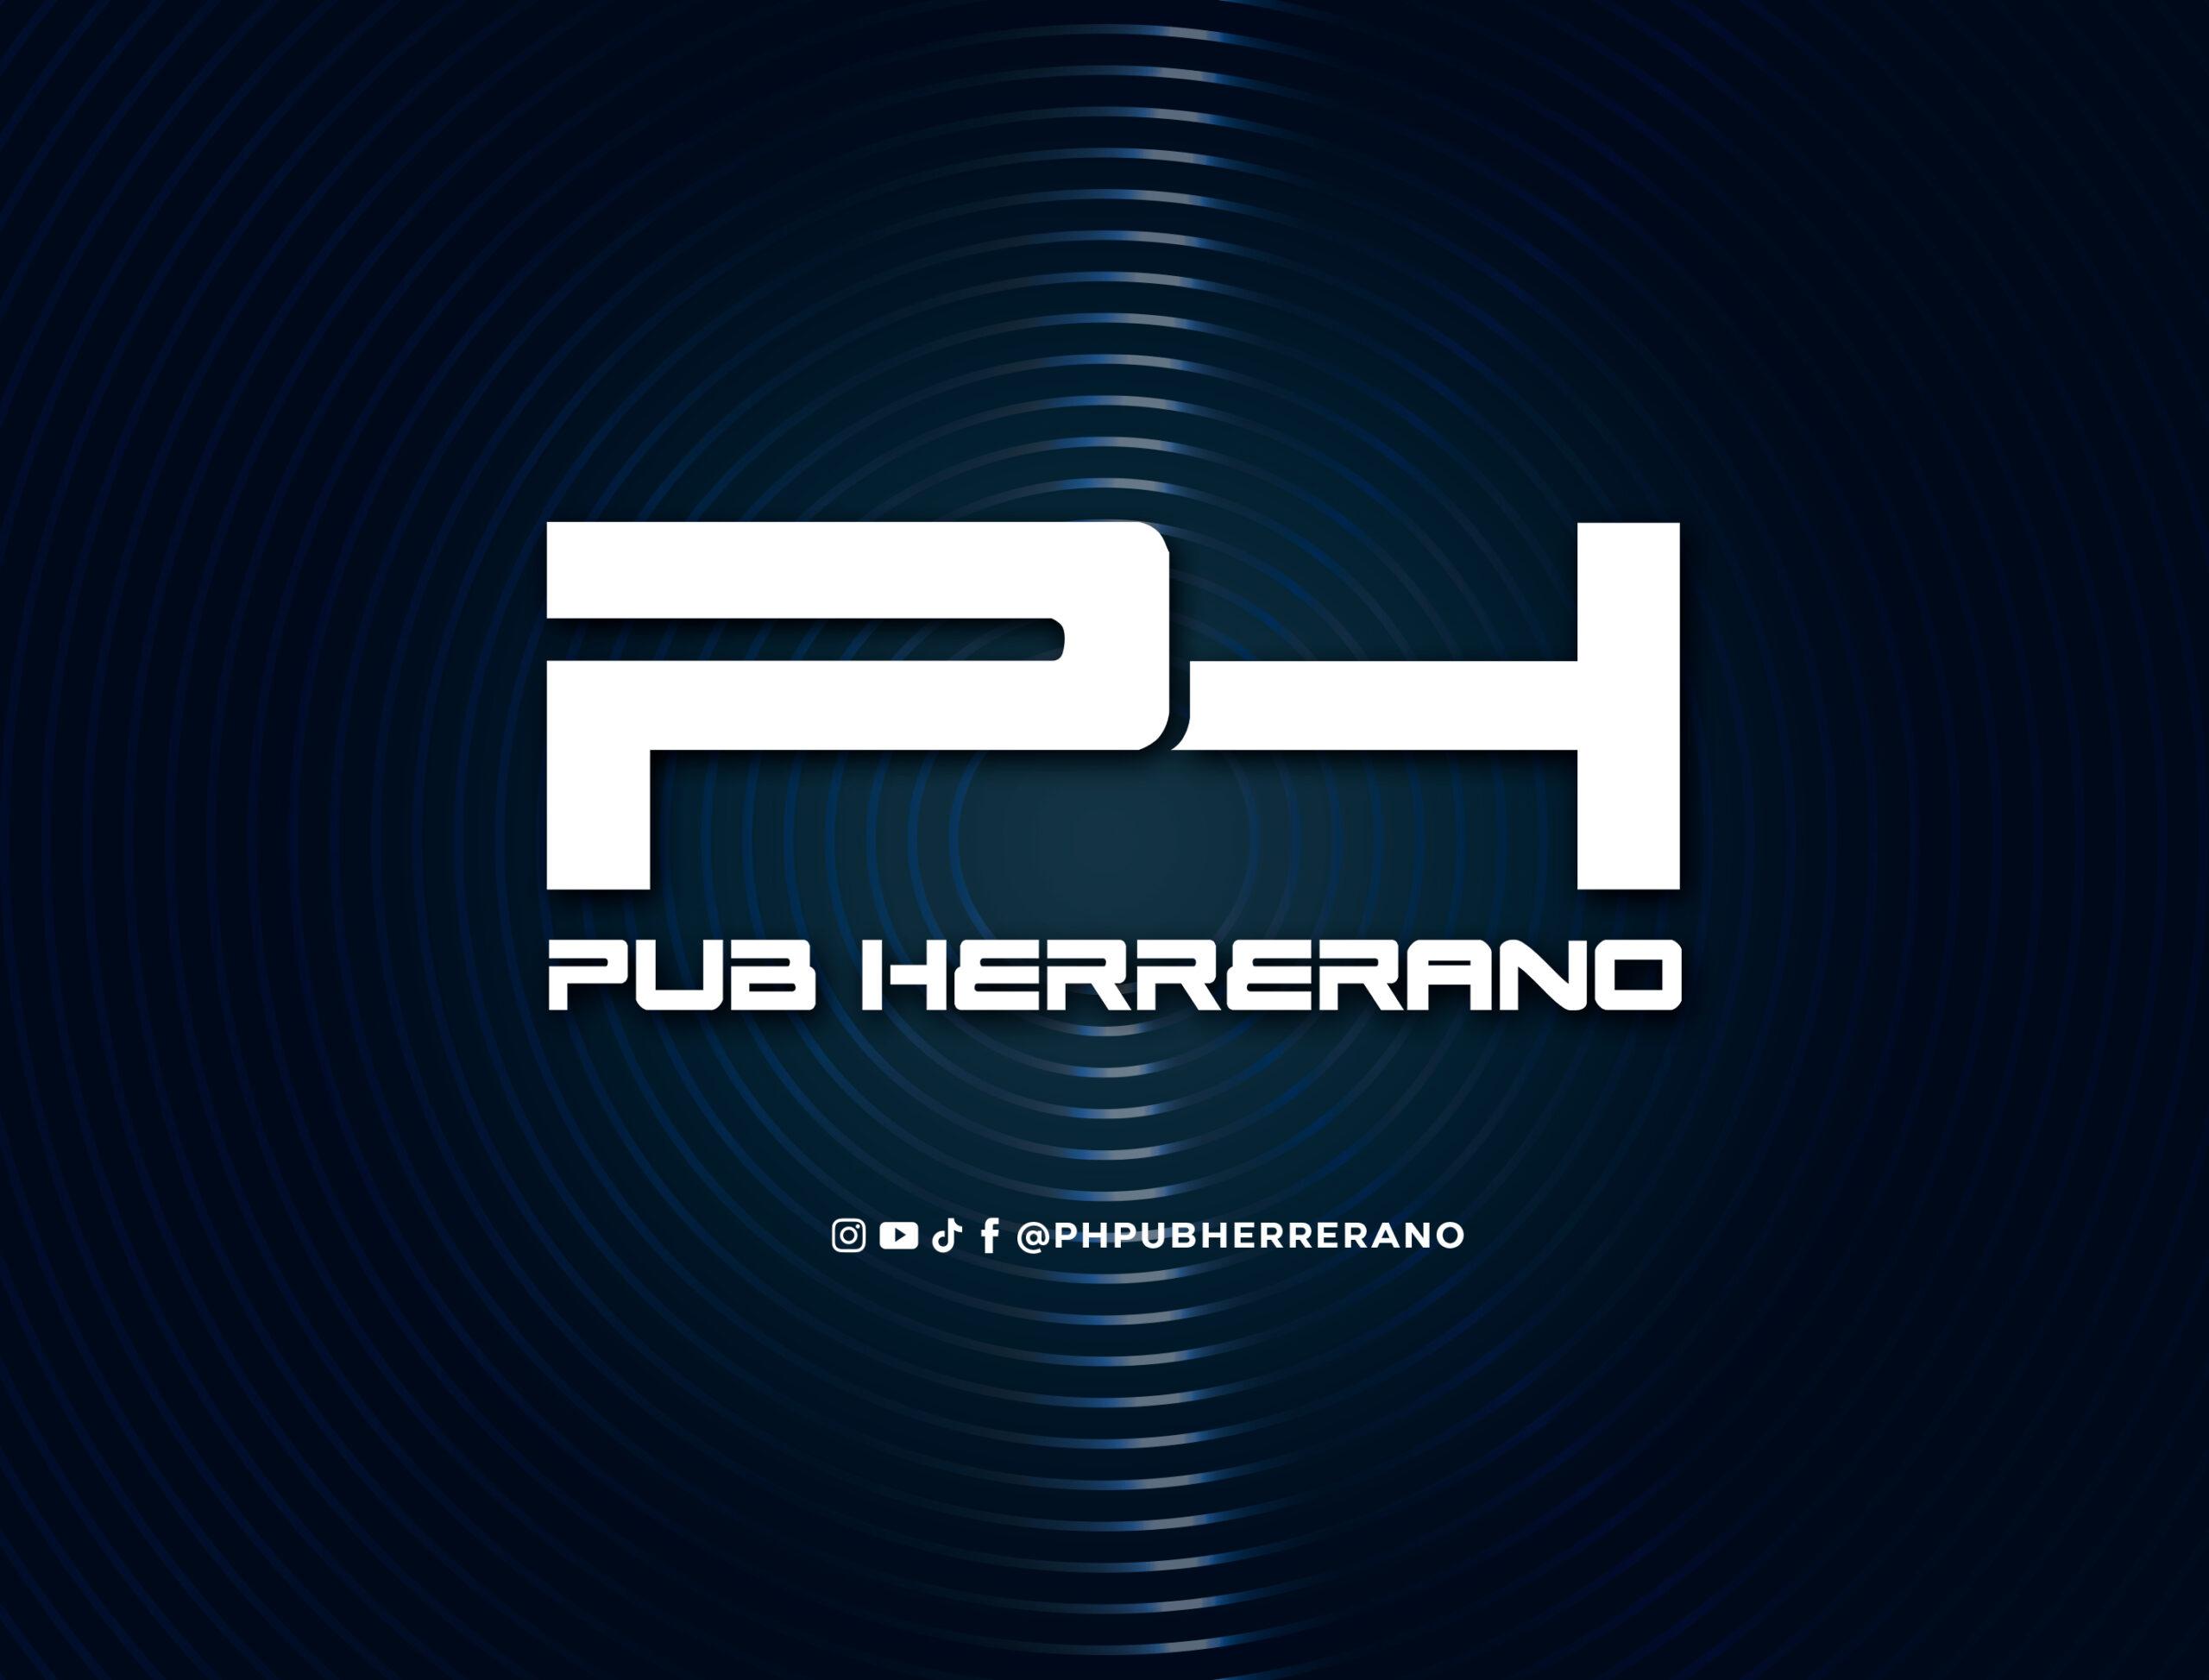 PH-PUB-HERRERANO